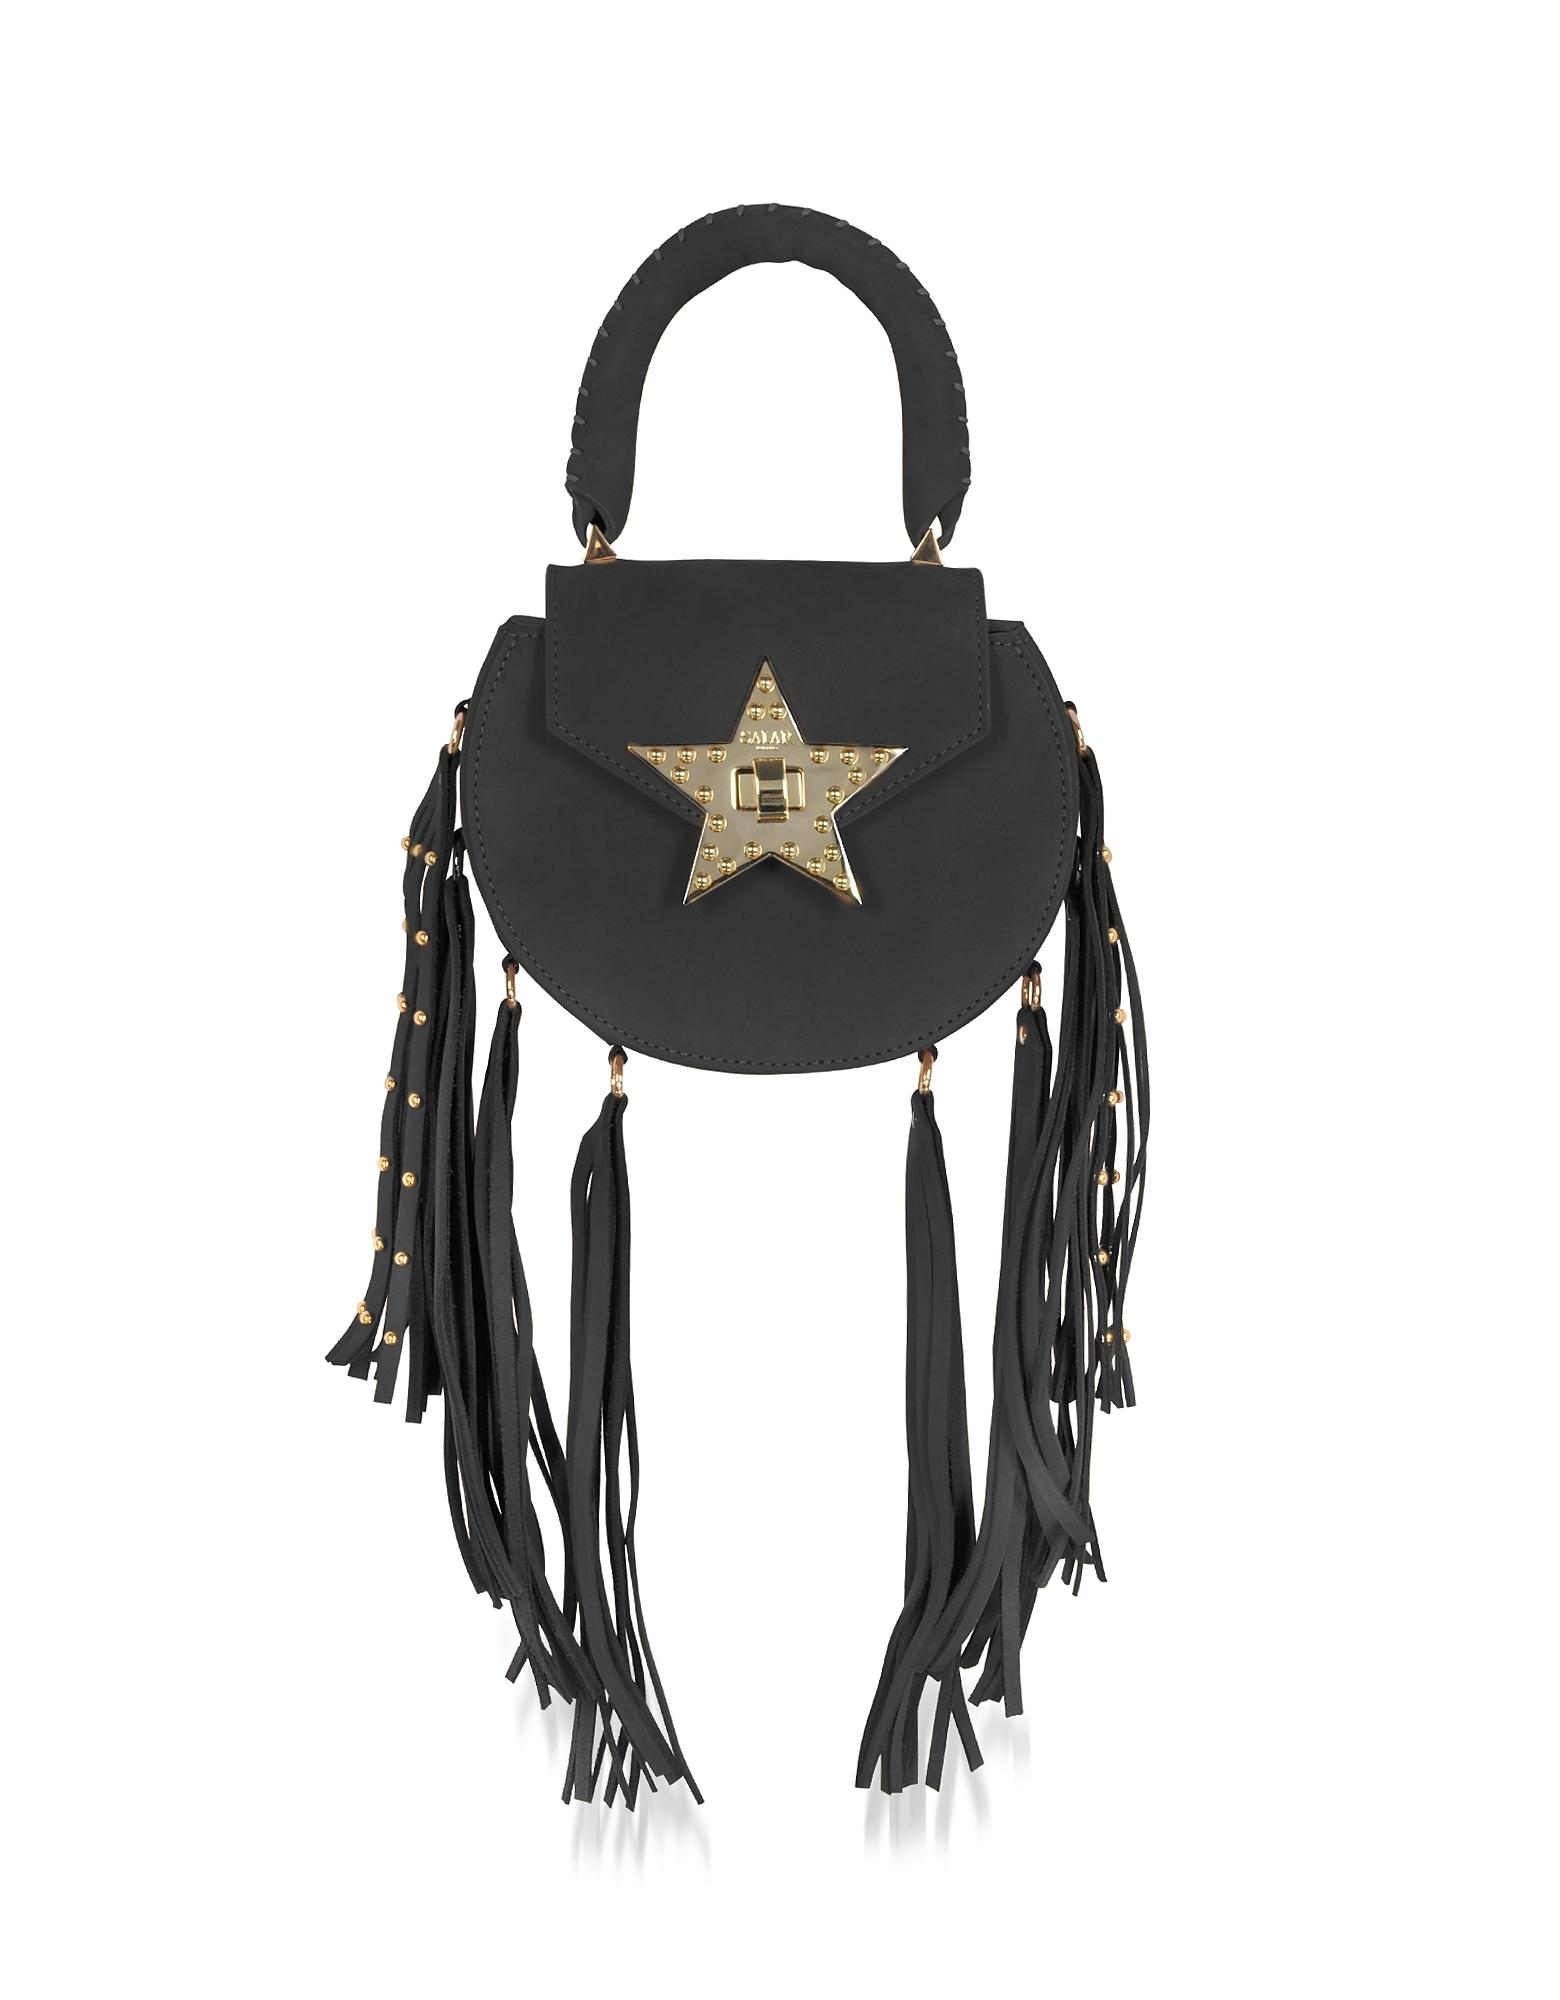 Salar Handbags, Mimi Fringe Black Nubuck Shoulder Bag w/Star